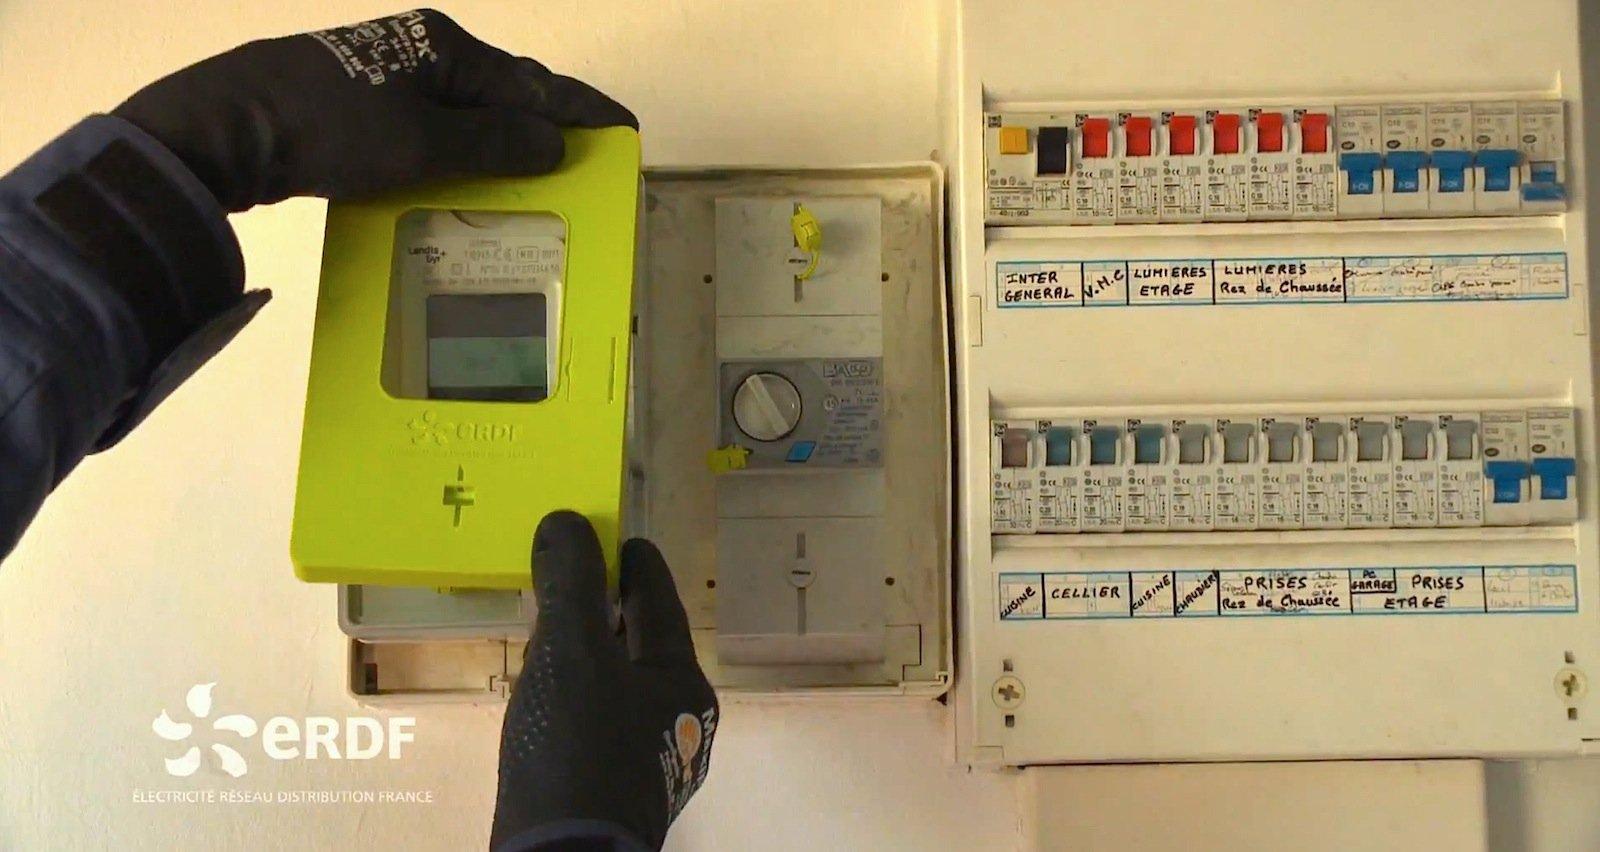 Der Stromzähler Linky ist mit dem Internet verbunden. Dadurch können die Versorger den Strompreis je nach Angebot und Nachfrage anpassen und die Verbraucher ihren Stromverbrauch regulieren.